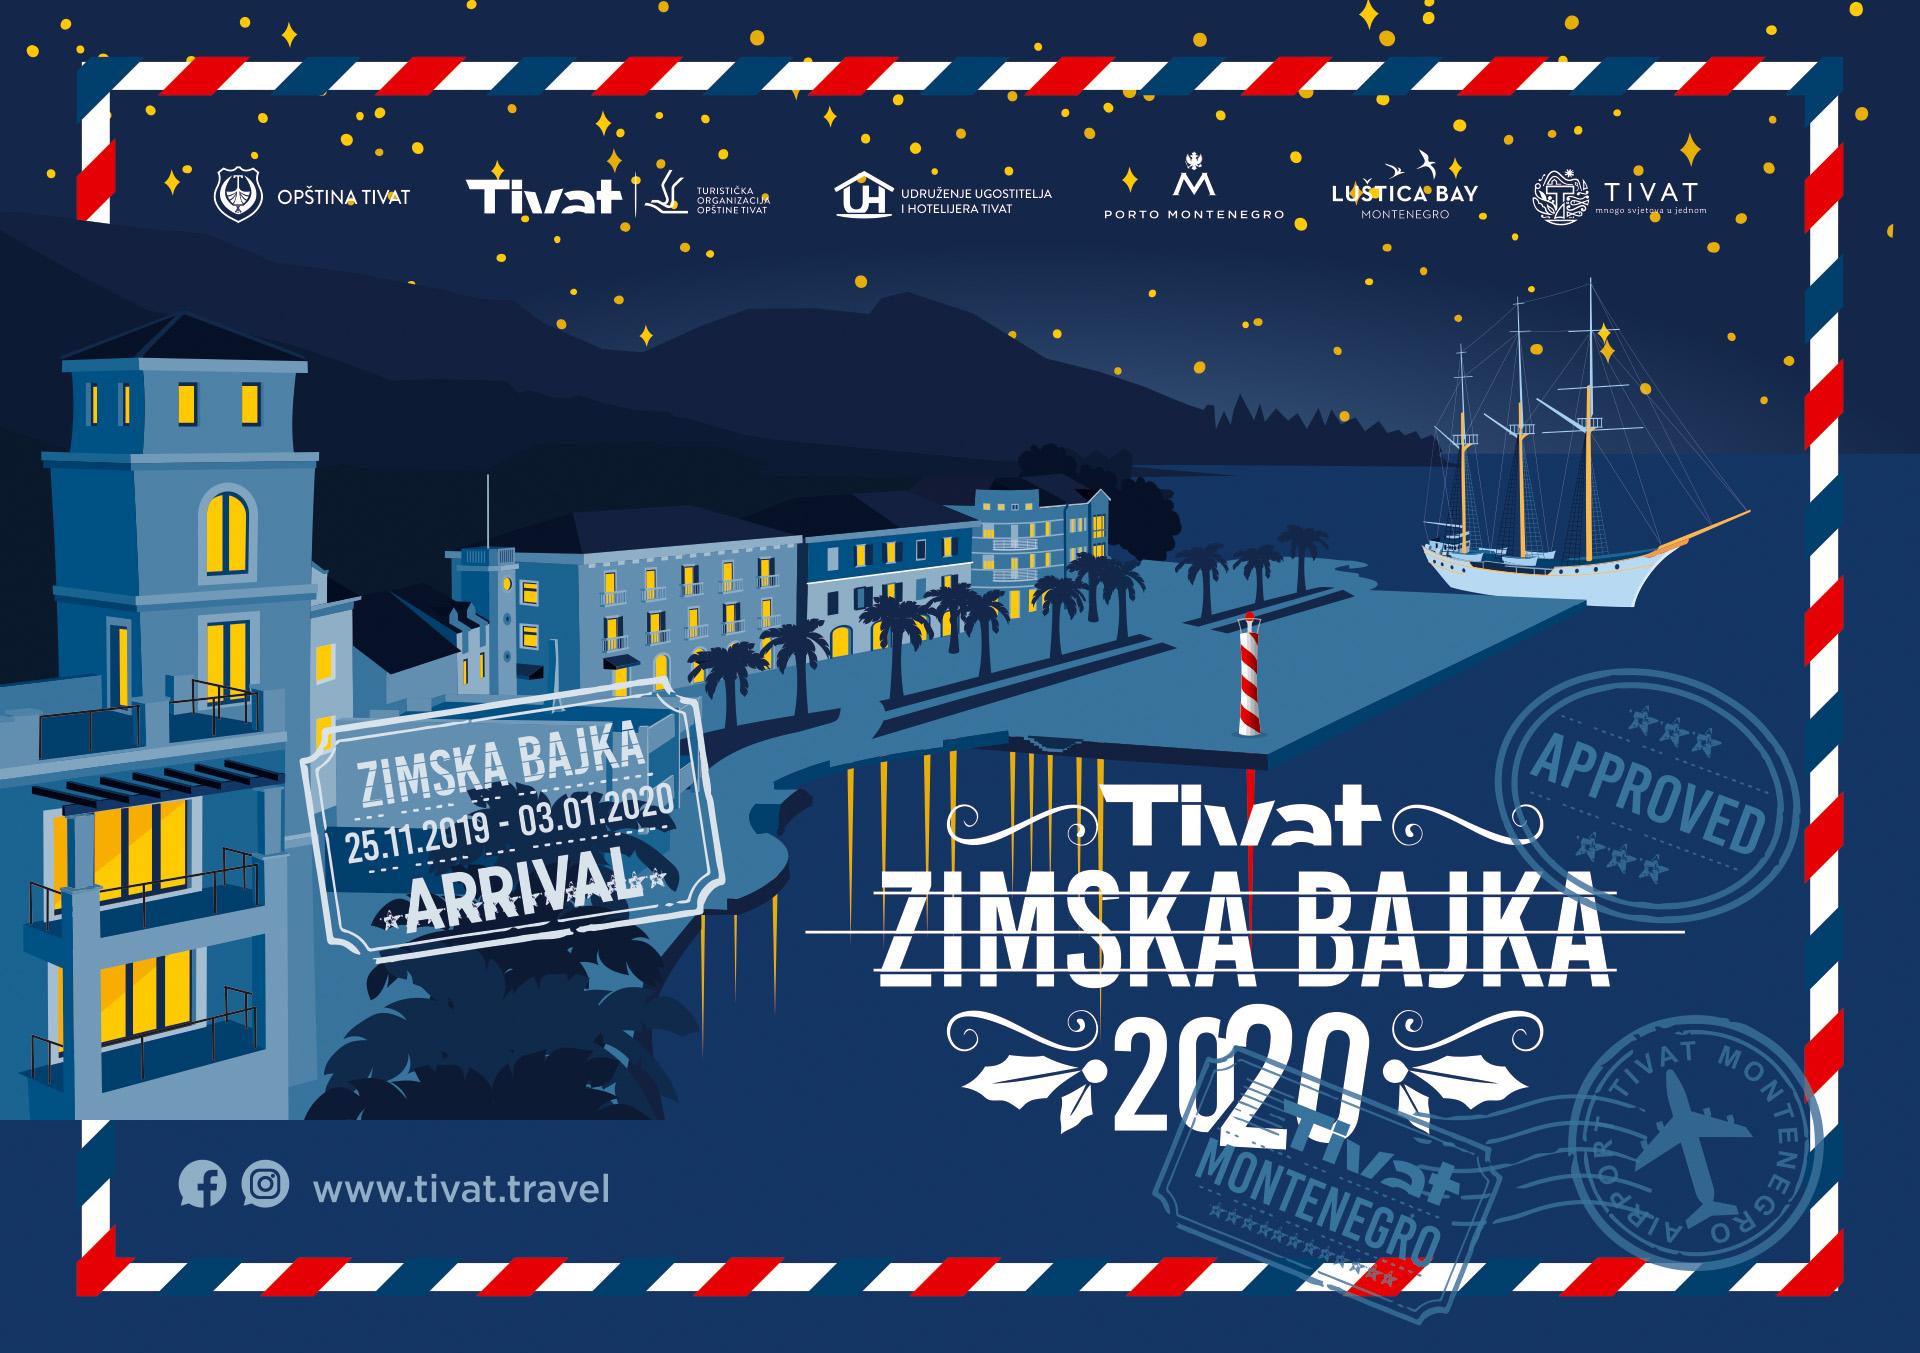 plakat_zimska_bajka_2020_tivat_2